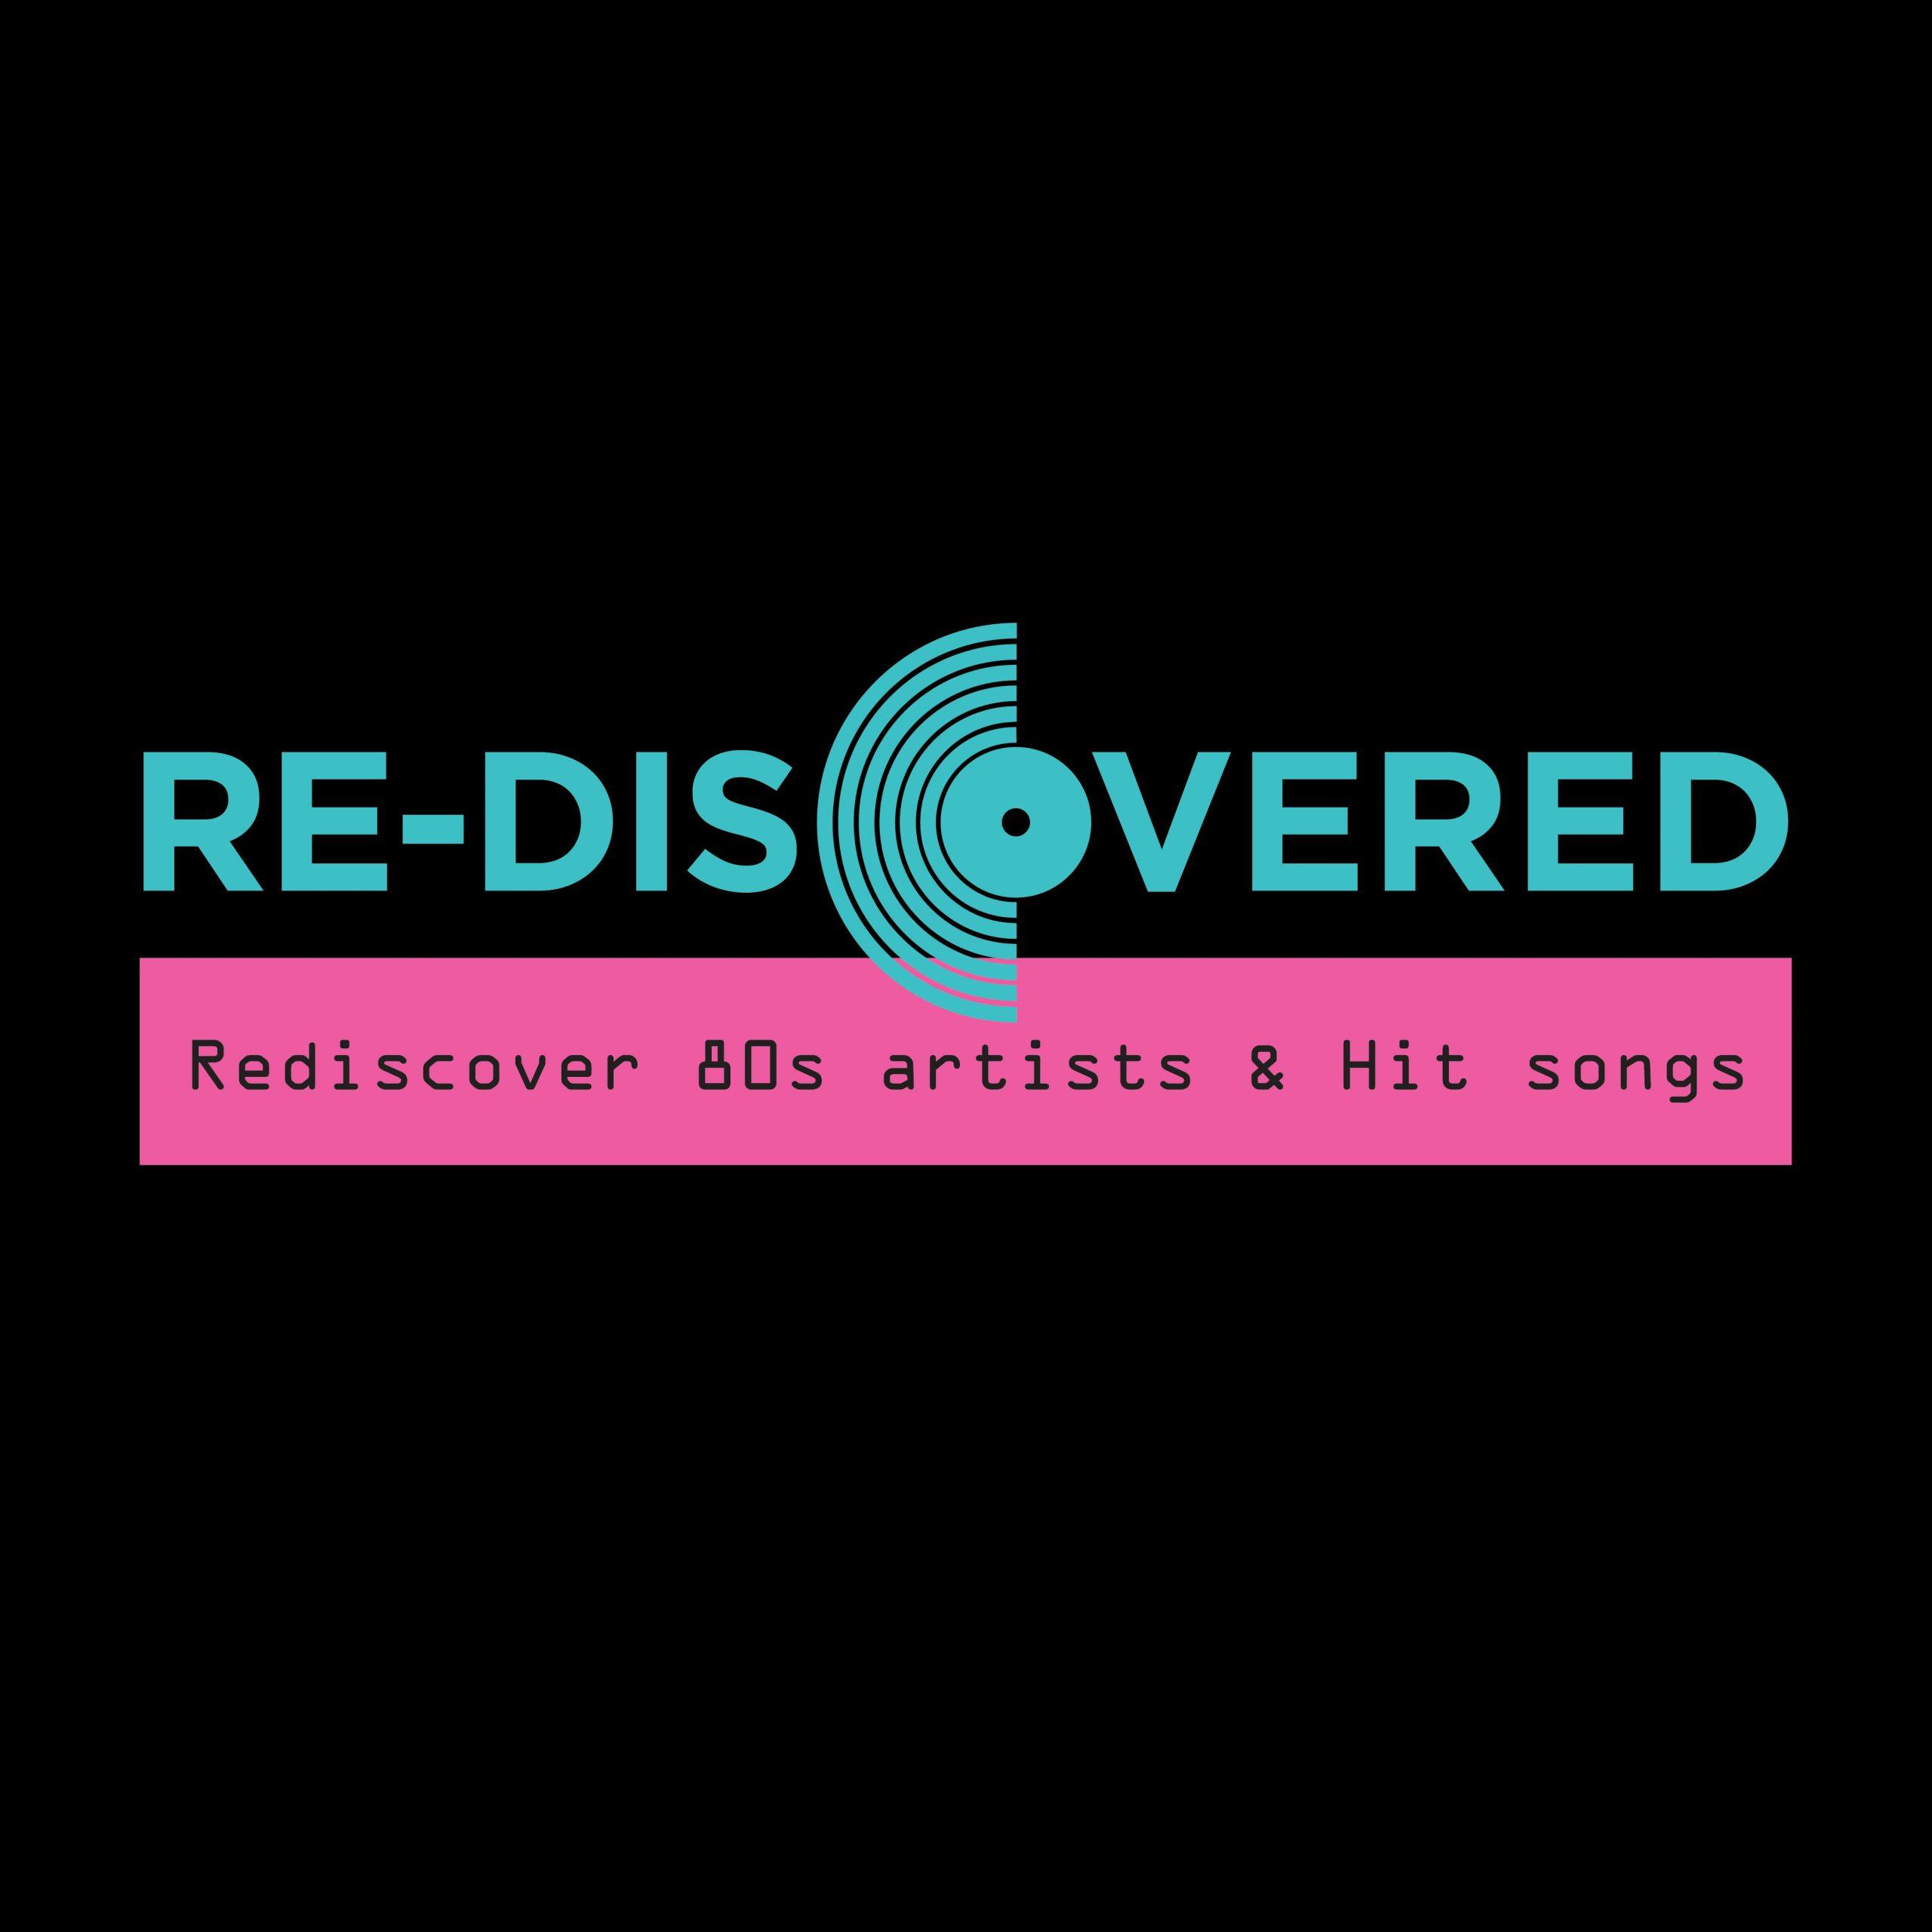 Re-Discovered album